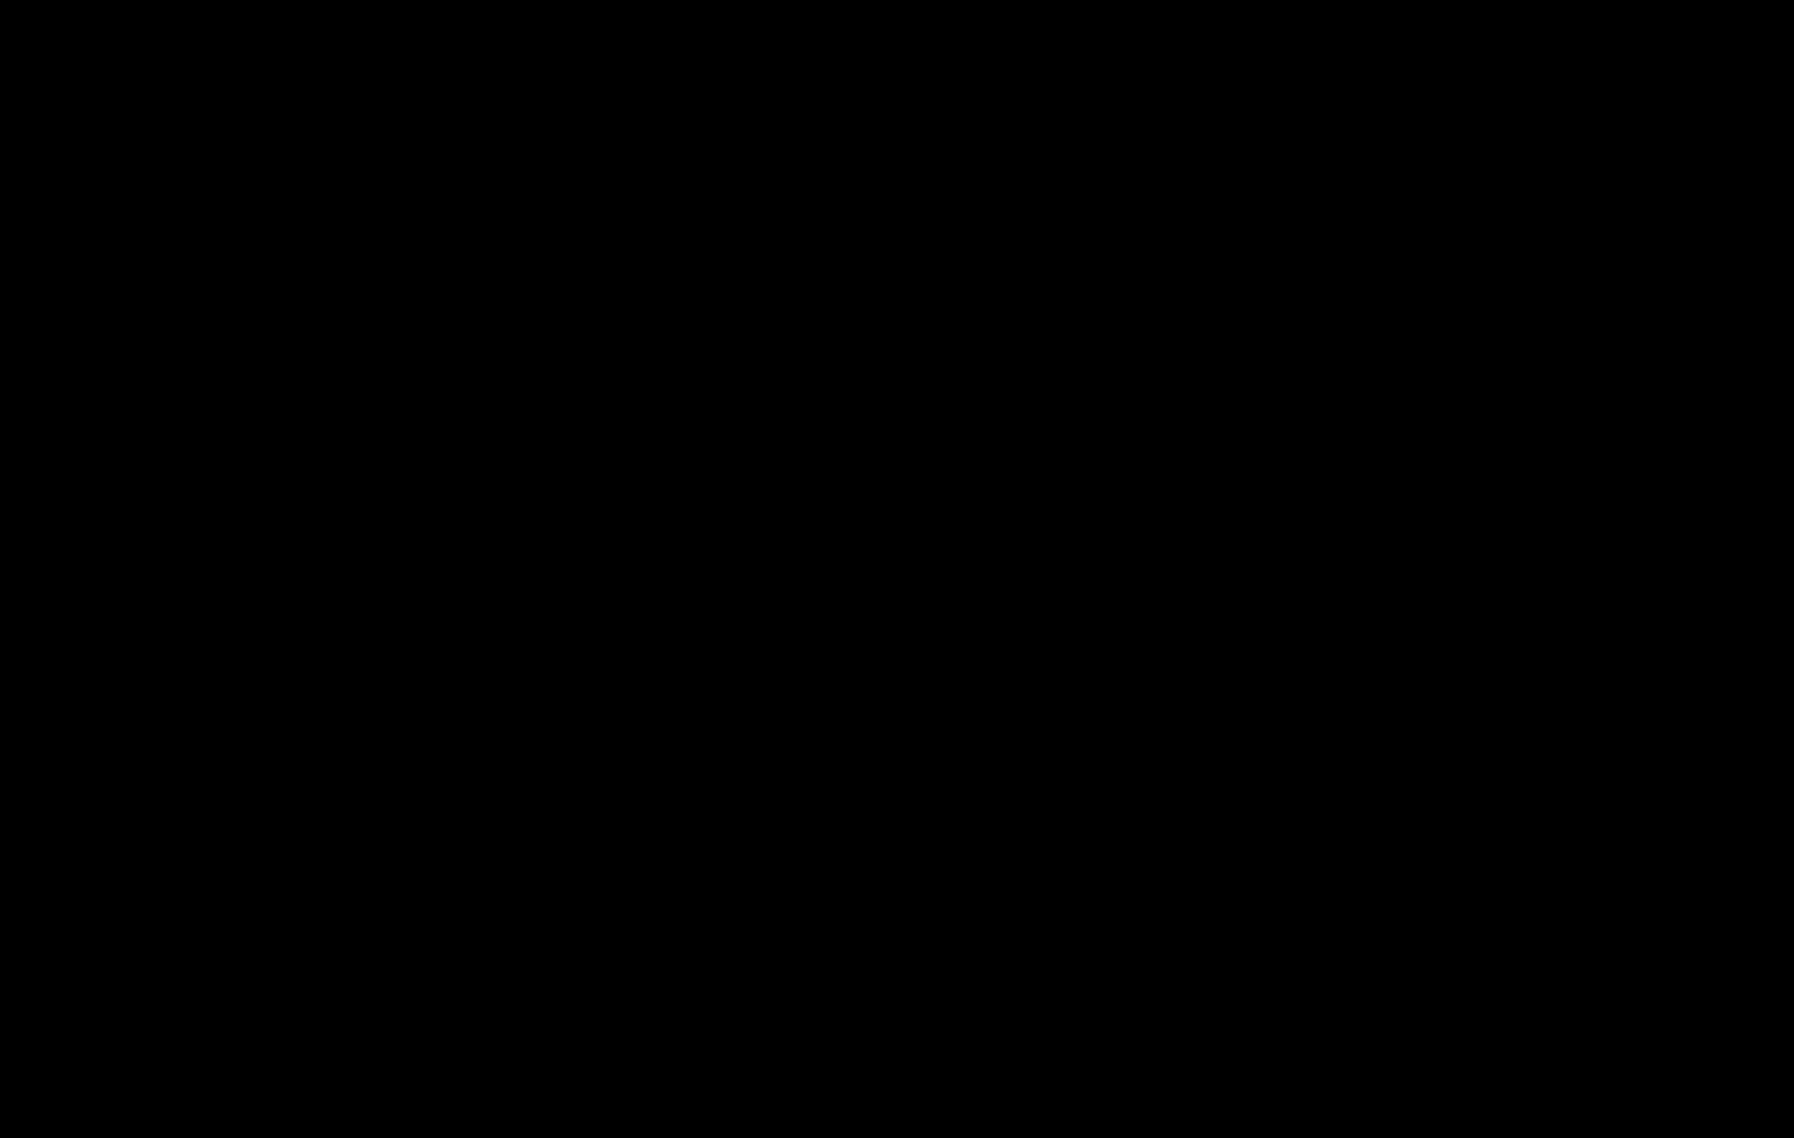 N-(4-(Hydroxymethyl)benzyl)-3,5-bis(prop-2-yn-1-yloxy)benzamide